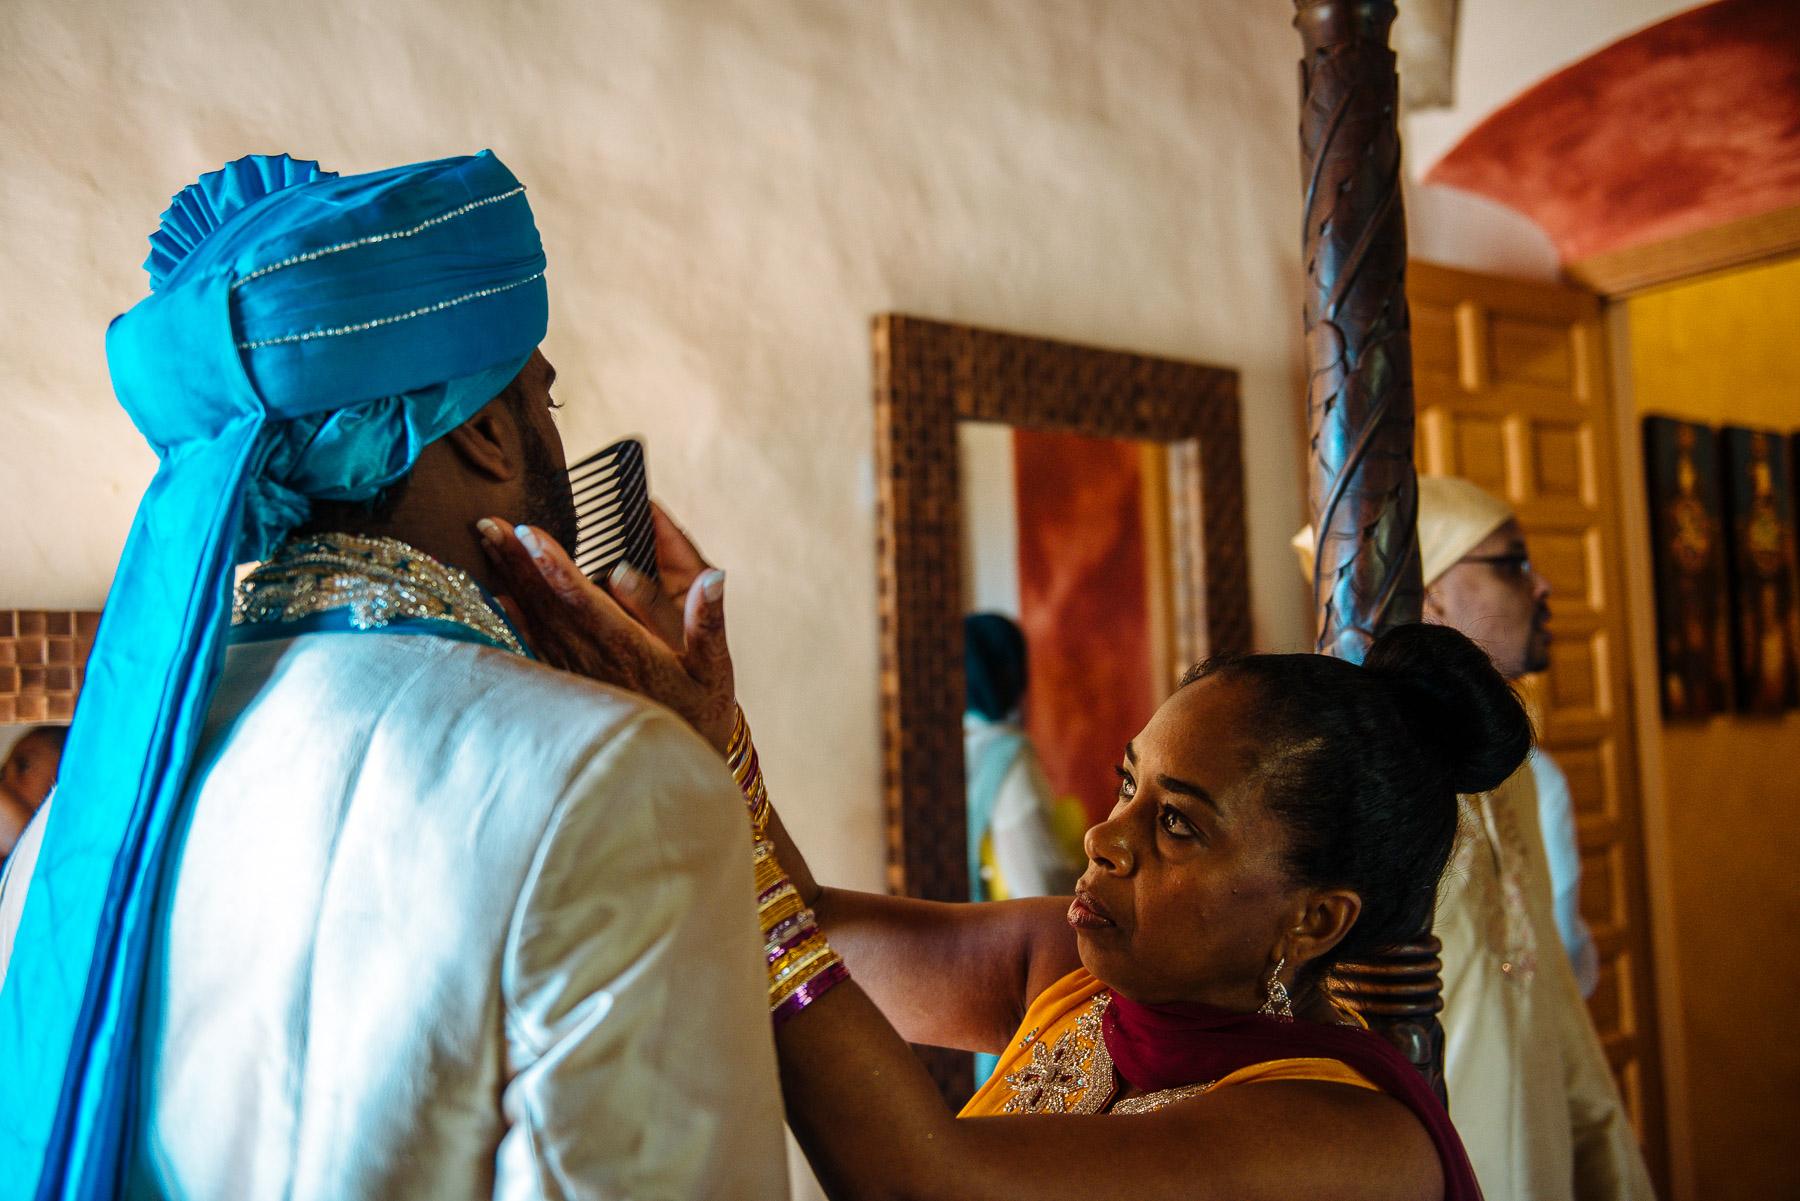 Hindu wedding at Almiral de la Font, Sitges, Barcelona.